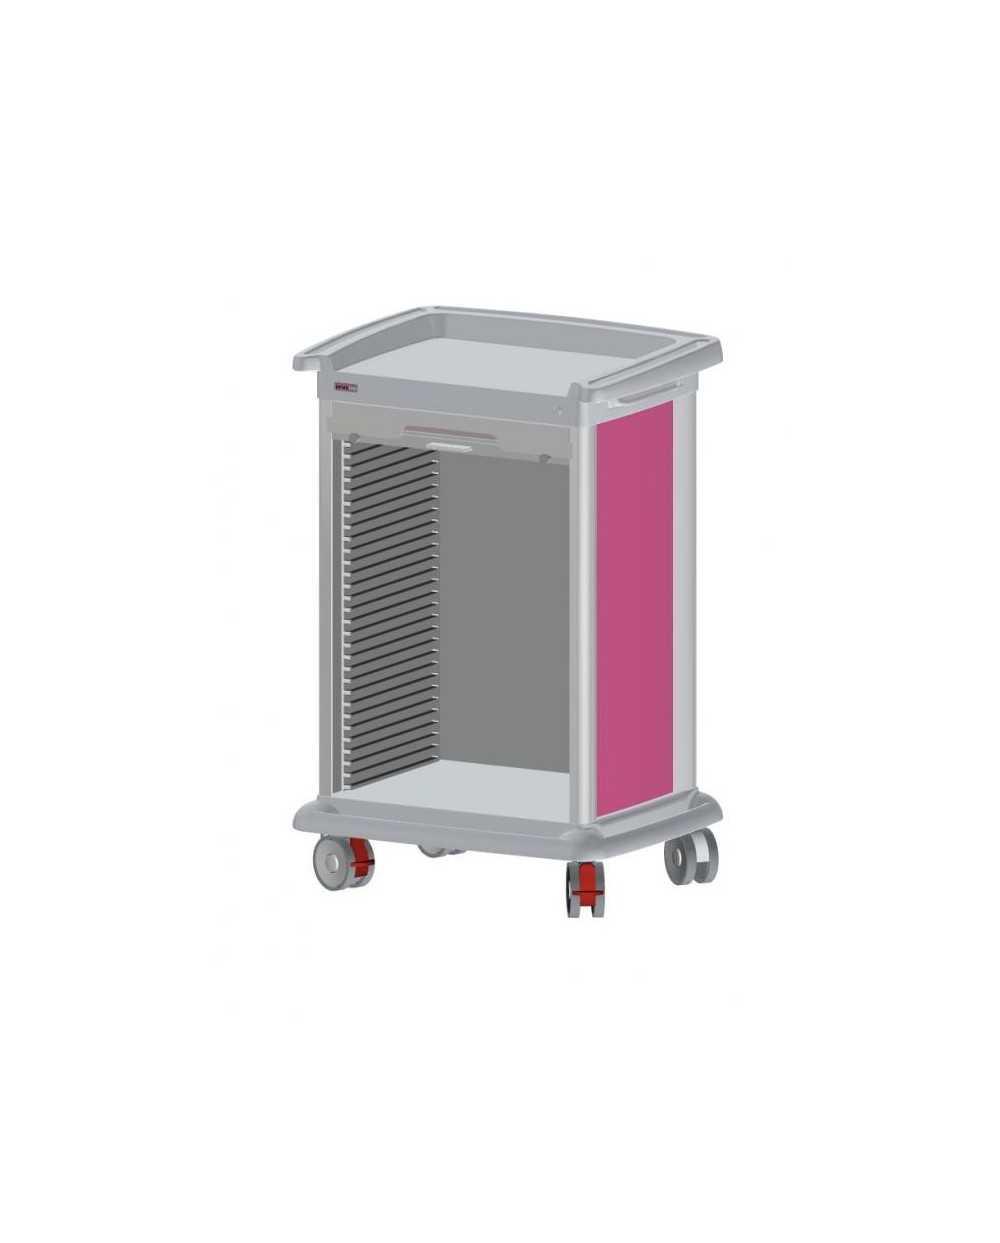 Chariot de distribution de médicaments PRECISO 10 modules, à aménager, hauteur 118 cm, de couleur.